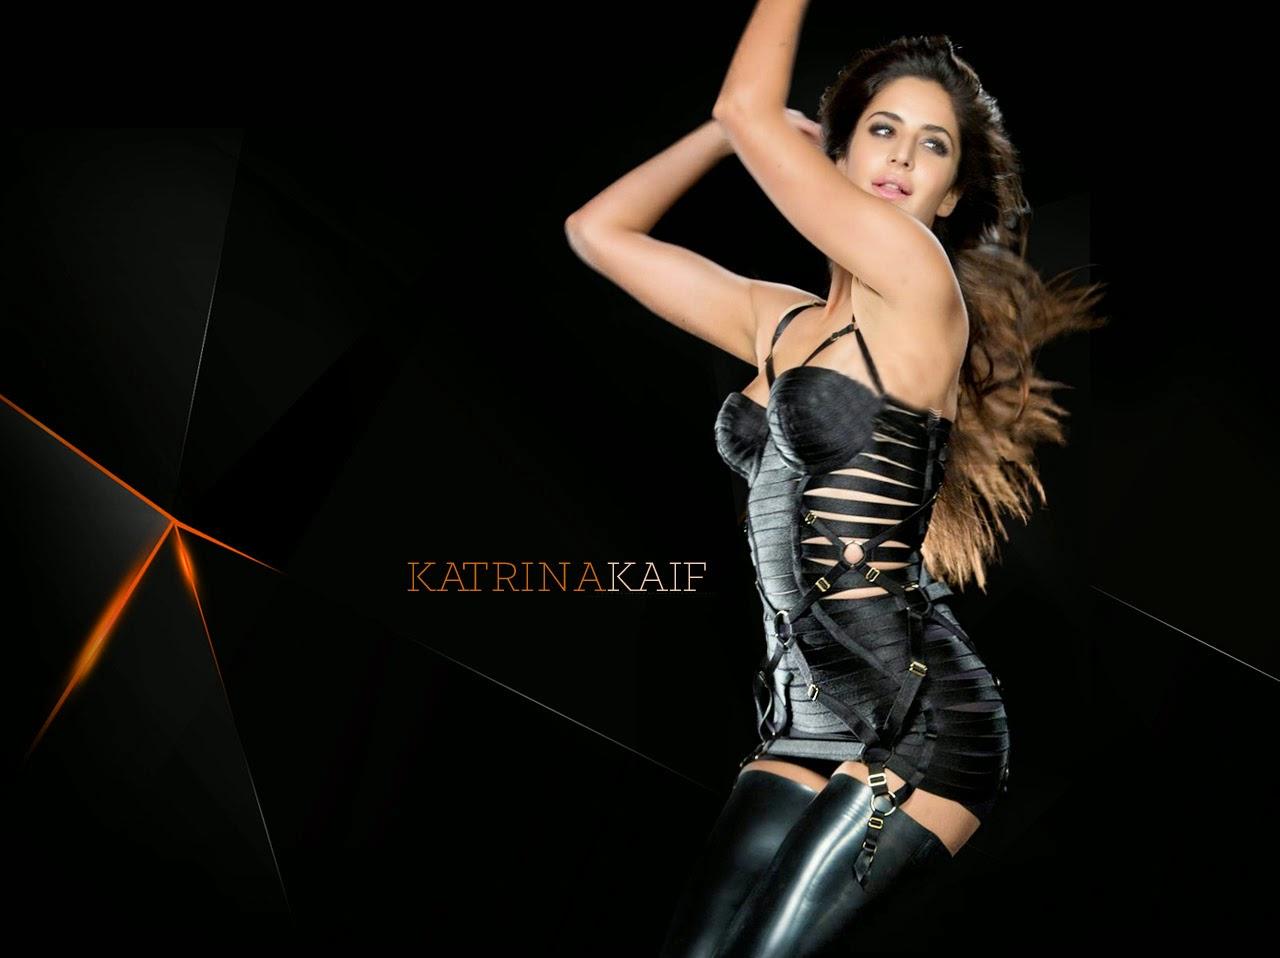 wallpaperszigy Katrina Kaif Full HD Wallpapers